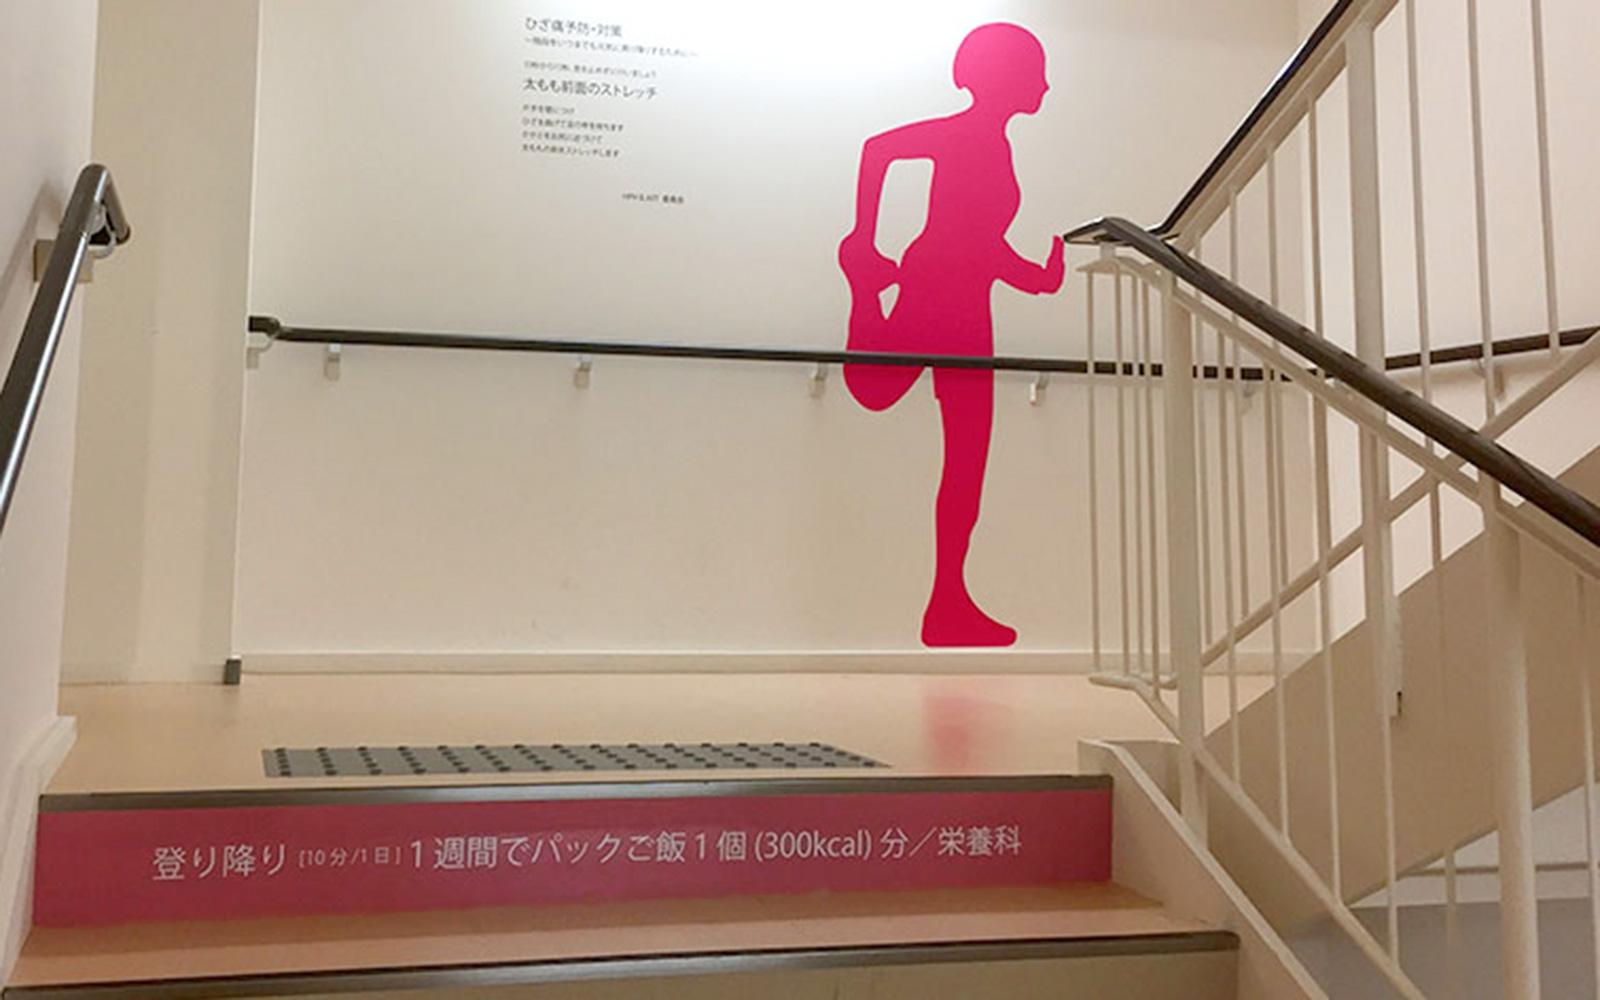 ホスピタルアート 耳原総合病院 職員階段